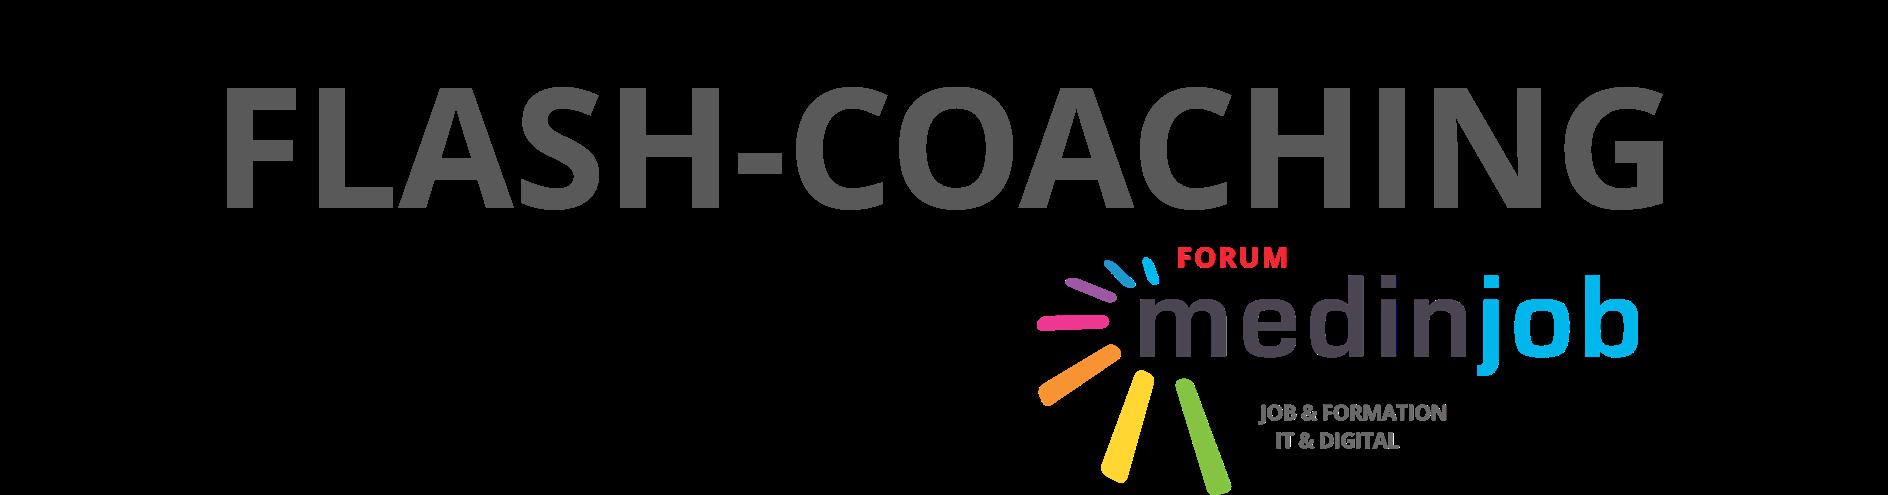 Flash Coaching